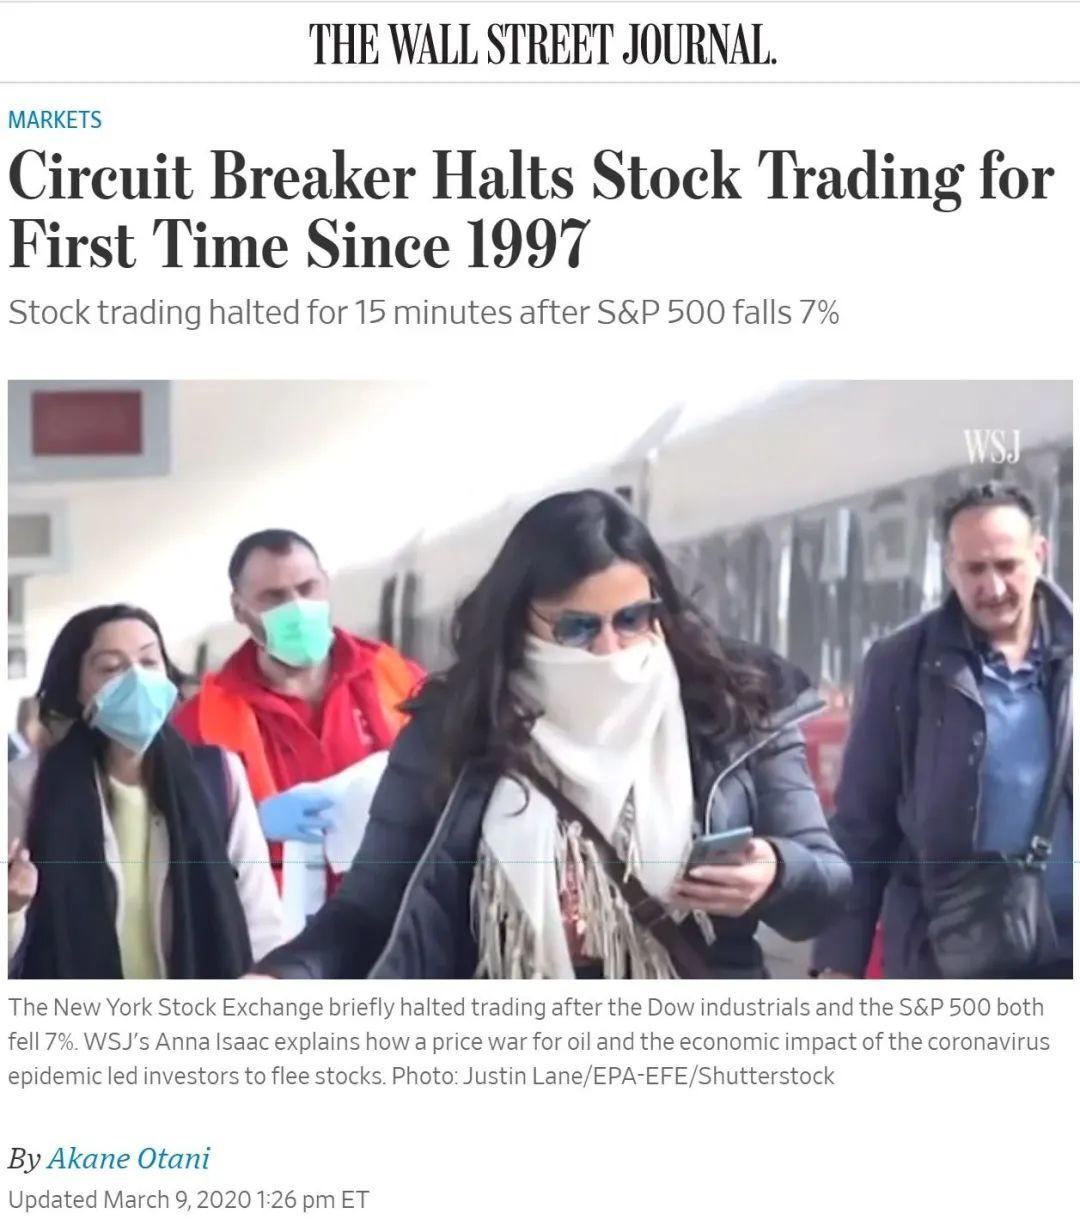 股市雪崩,新冠肺炎全面爆发,美国疫情还是可控可防的吗?